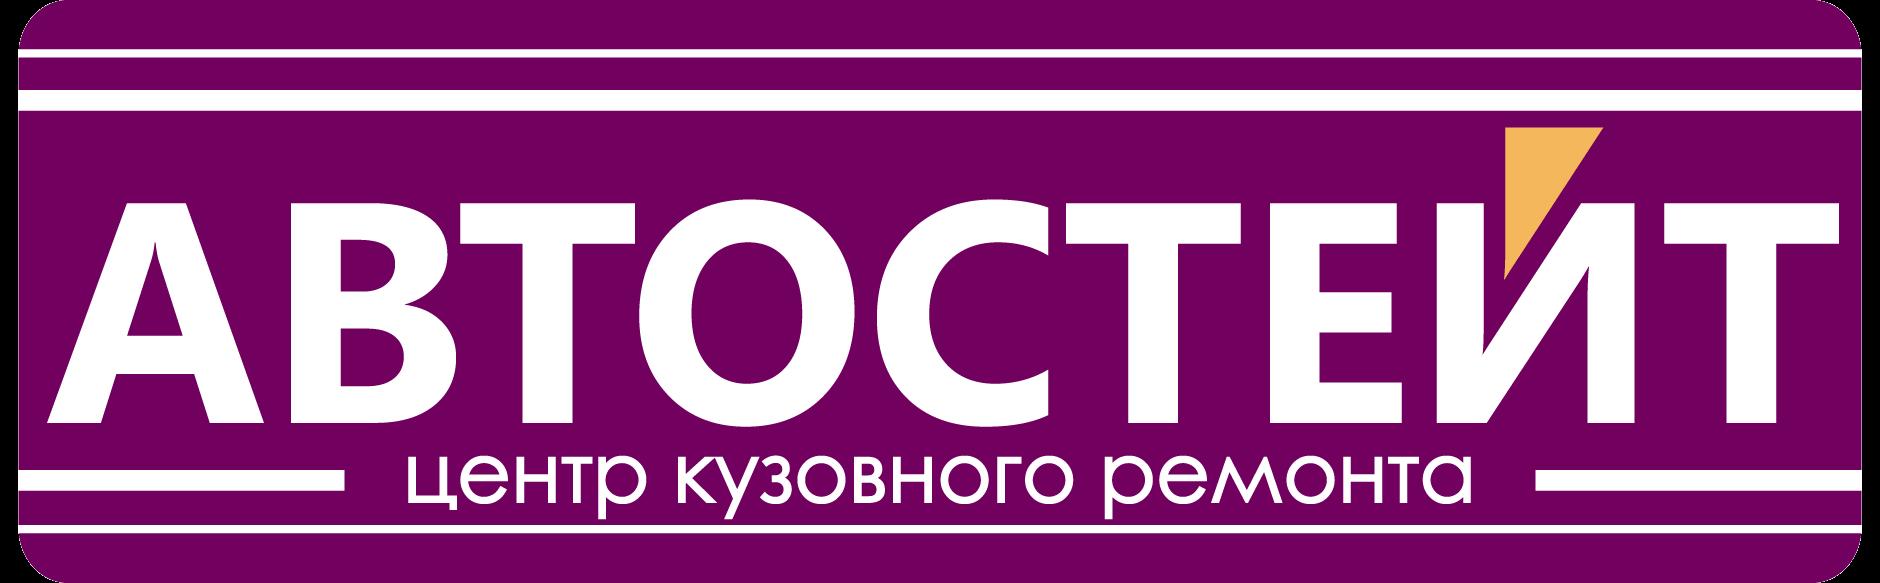 СТО «Автостейт» Киев лохотрон